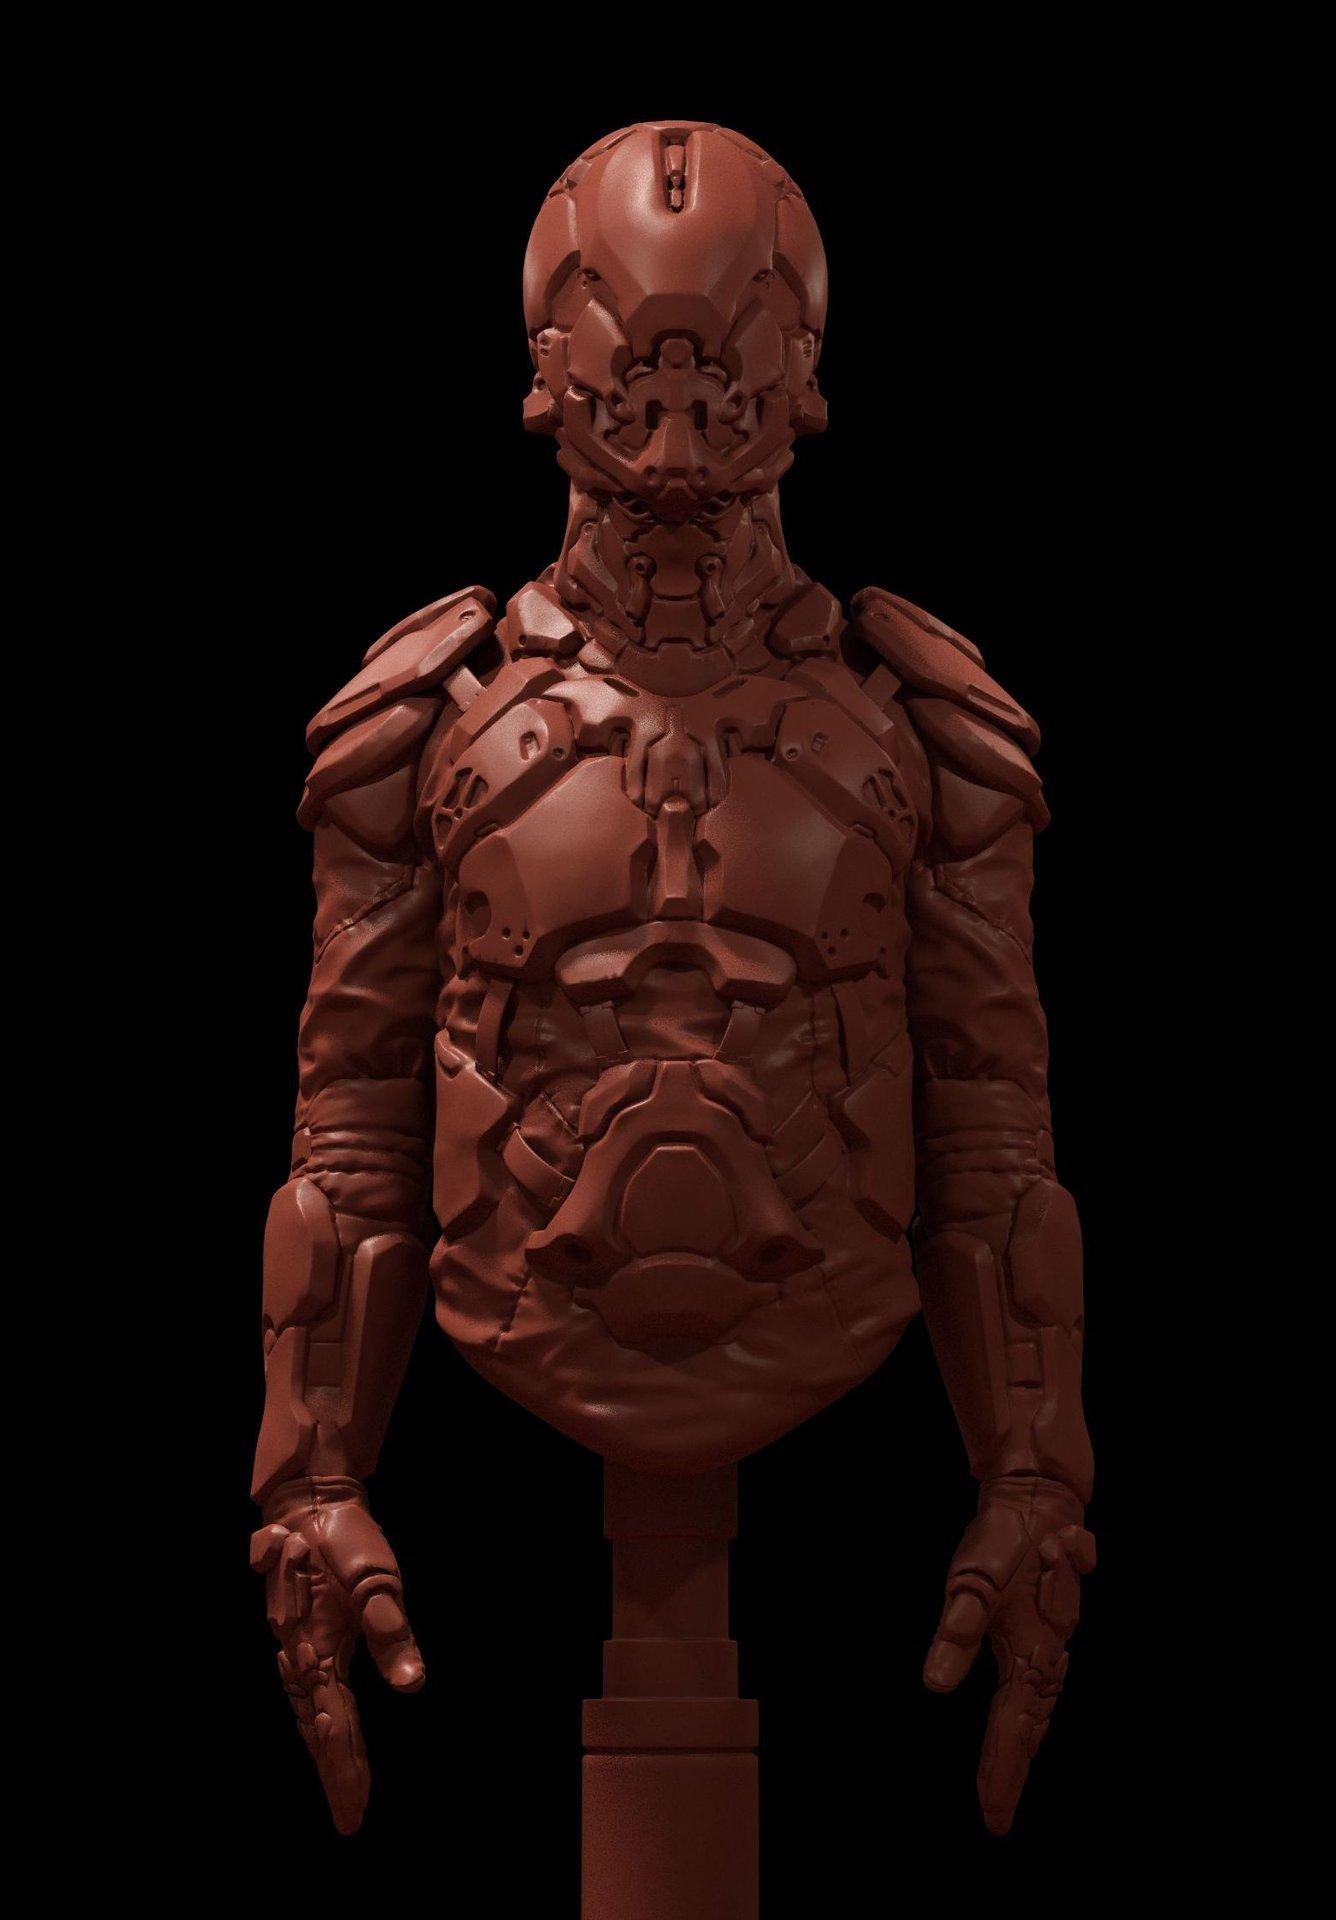 Daniel bystedt scifi armor 0002